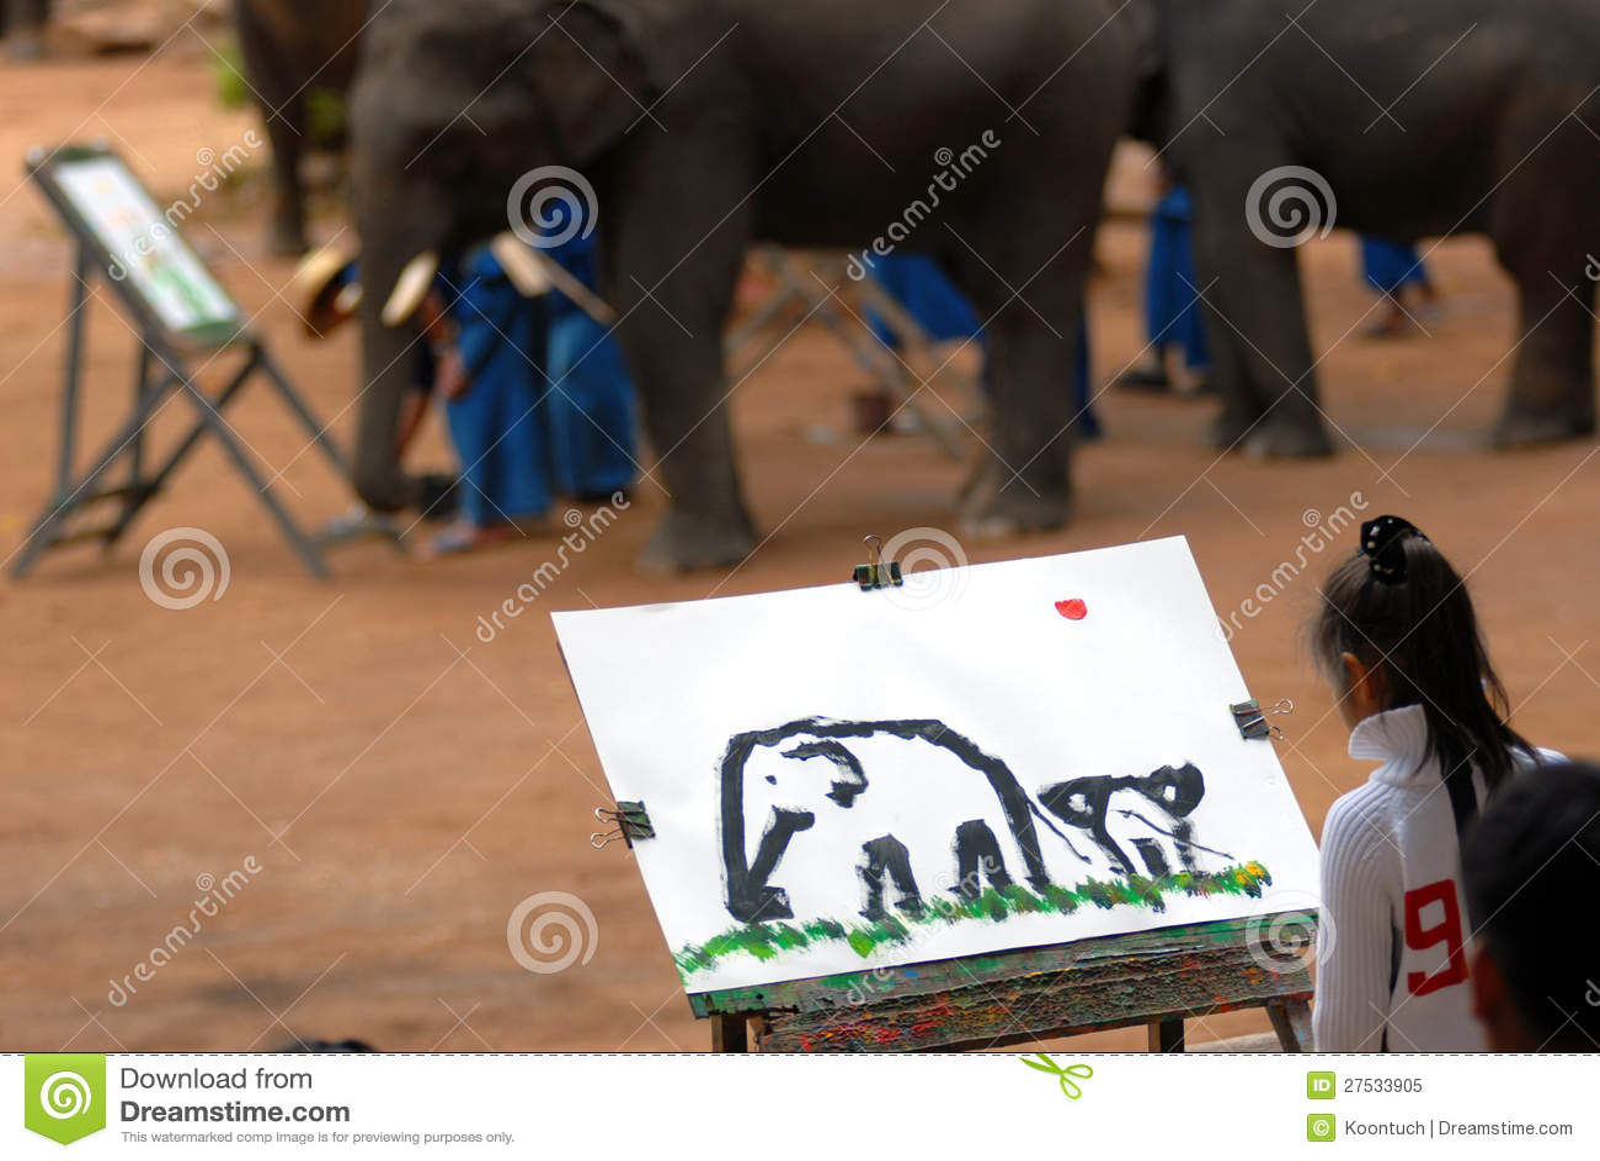 Elefantzeichnung. [2]